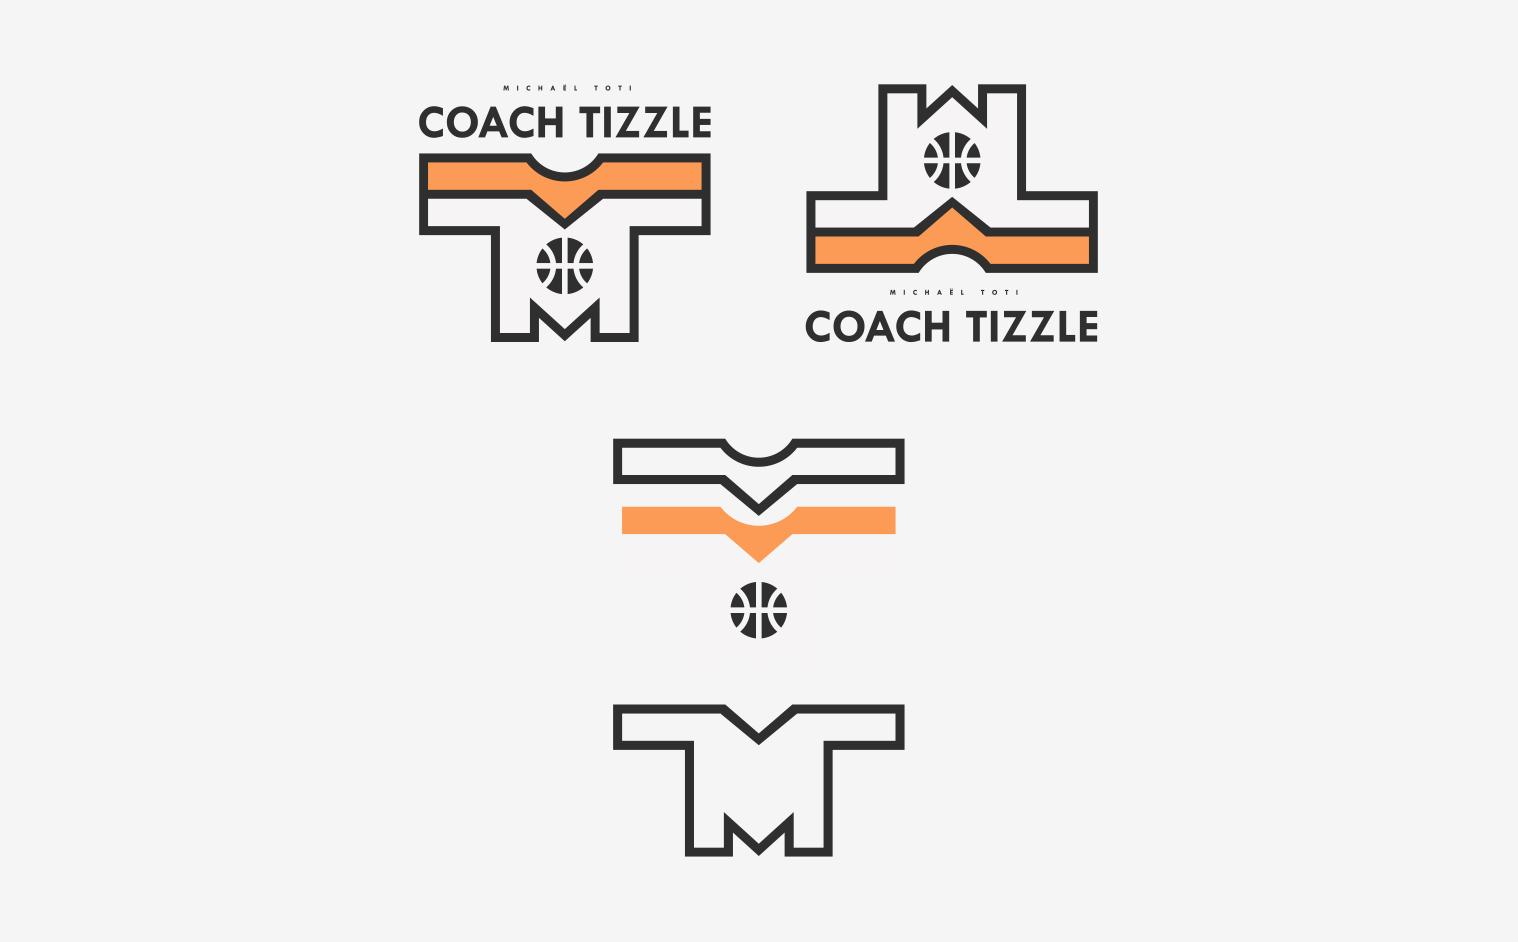 Coach Tizzle